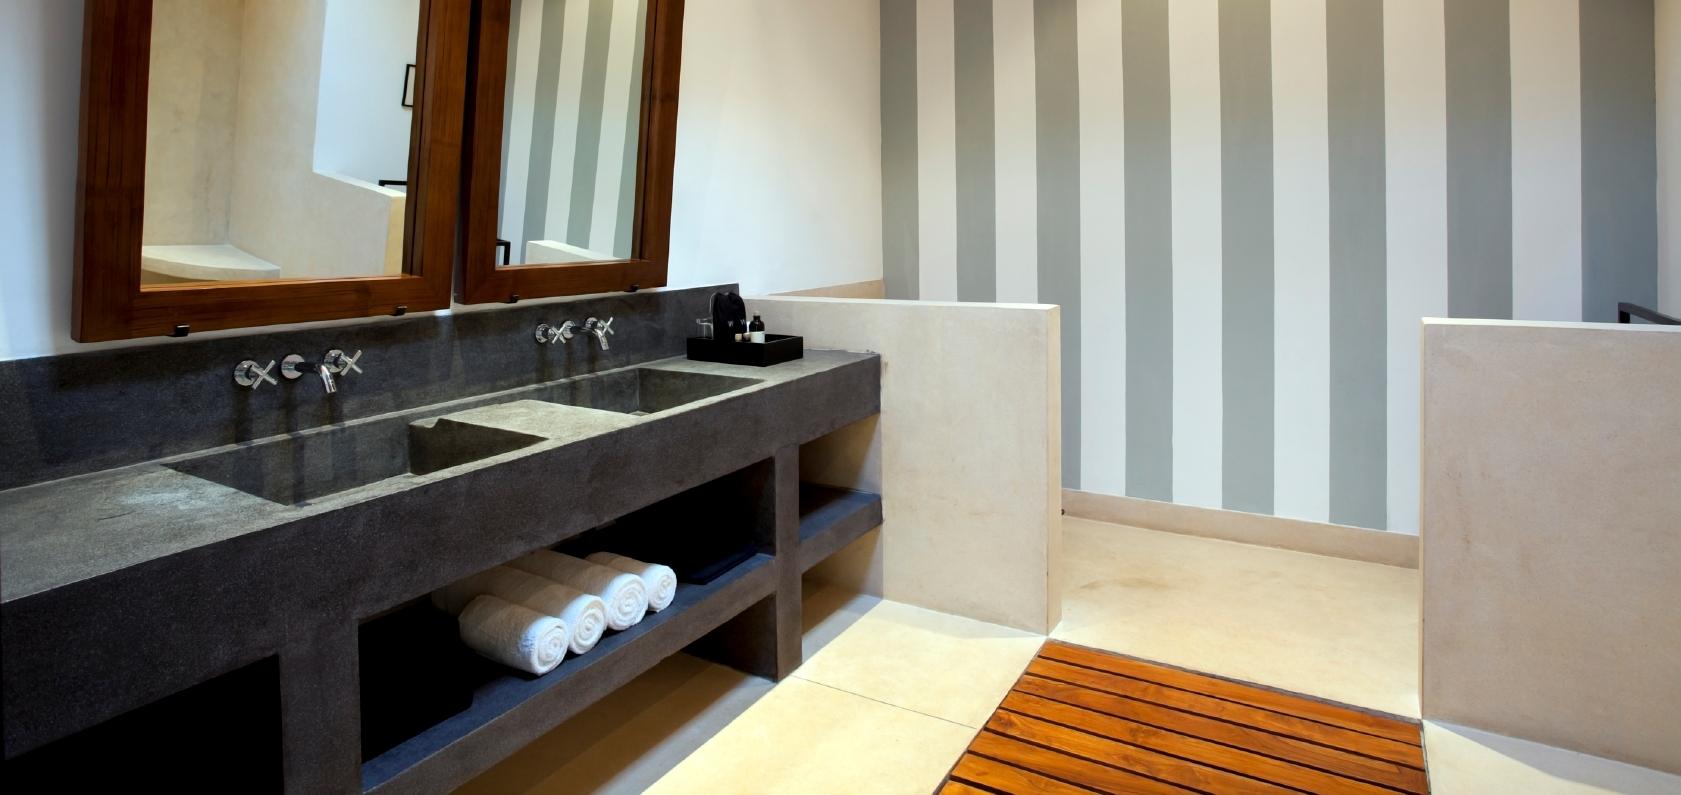 Waschbecken Rustikal beton waschbecken rustikal designer vintage waschbecken